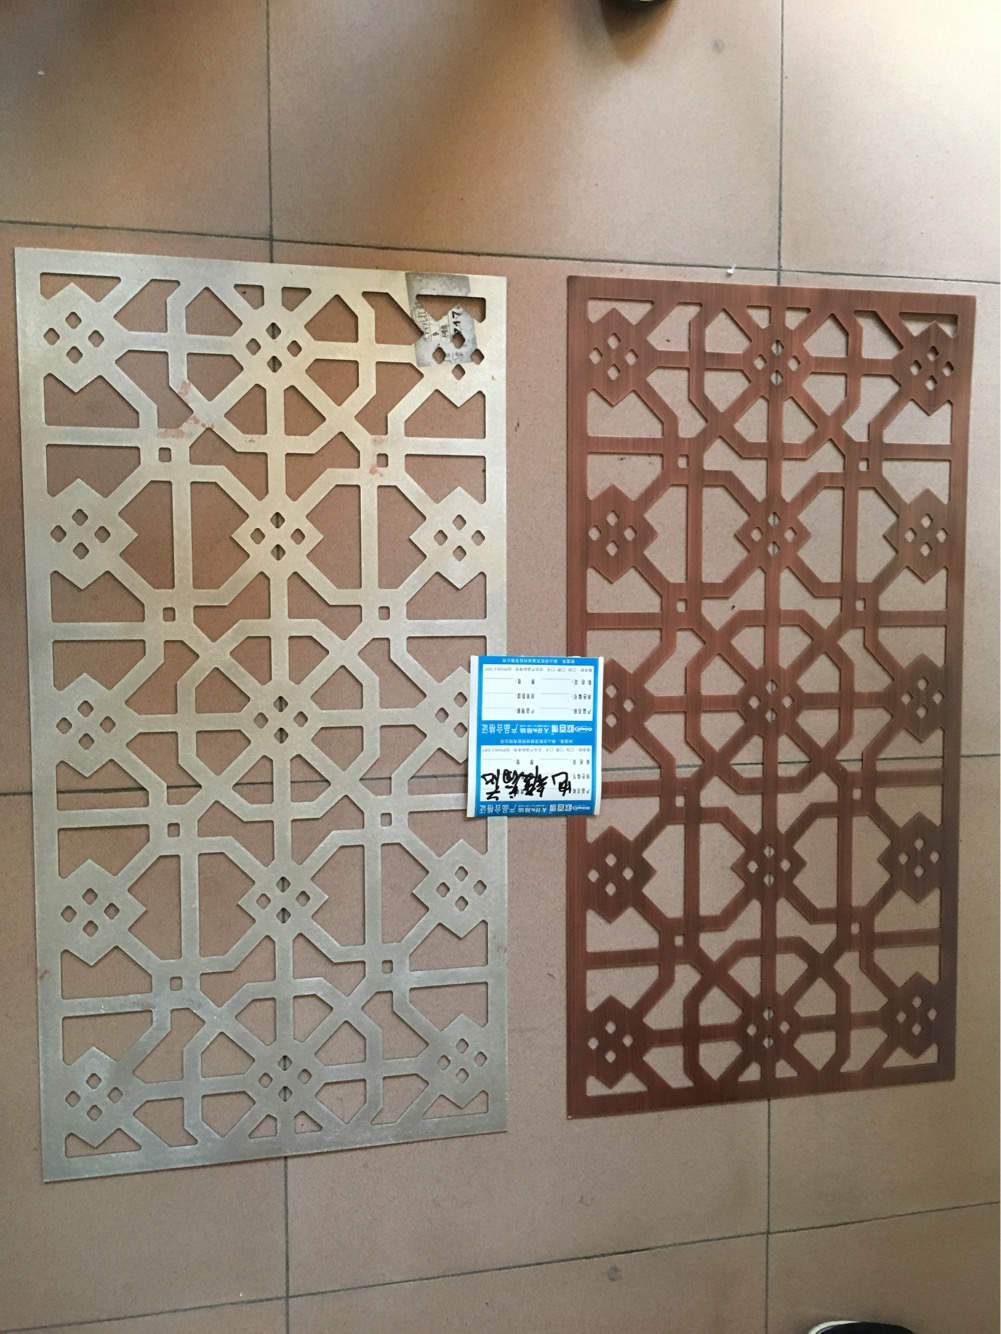 佛山市欧百建材科技有限公司始建于21世纪,位于佛山市南海区里水镇,公司占地5万平方米。欧百建材是集研发、生产、销售于一体的建材公司,其主要产品有铝天花和铝幕墙2大系列,系列包含以下七大产品:双曲铝单板、弧形铝单板,拉伸网、木纹铝方管,铝挂片,U型铝方通、铝条扣板,铝扣板,铝蜂窝板,铝格栅等品种齐全;公司凭借一流的设备,卓越的品质和优质的服务及产品质量的保障,使欧百建材产品深受全国消费者的信赖,产品畅销国内23个省及市。 欧百建材当前主要产品有:氟碳铝单板,造型铝单板,铝单板幕墙,木纹铝单板,白色烤漆铝单板